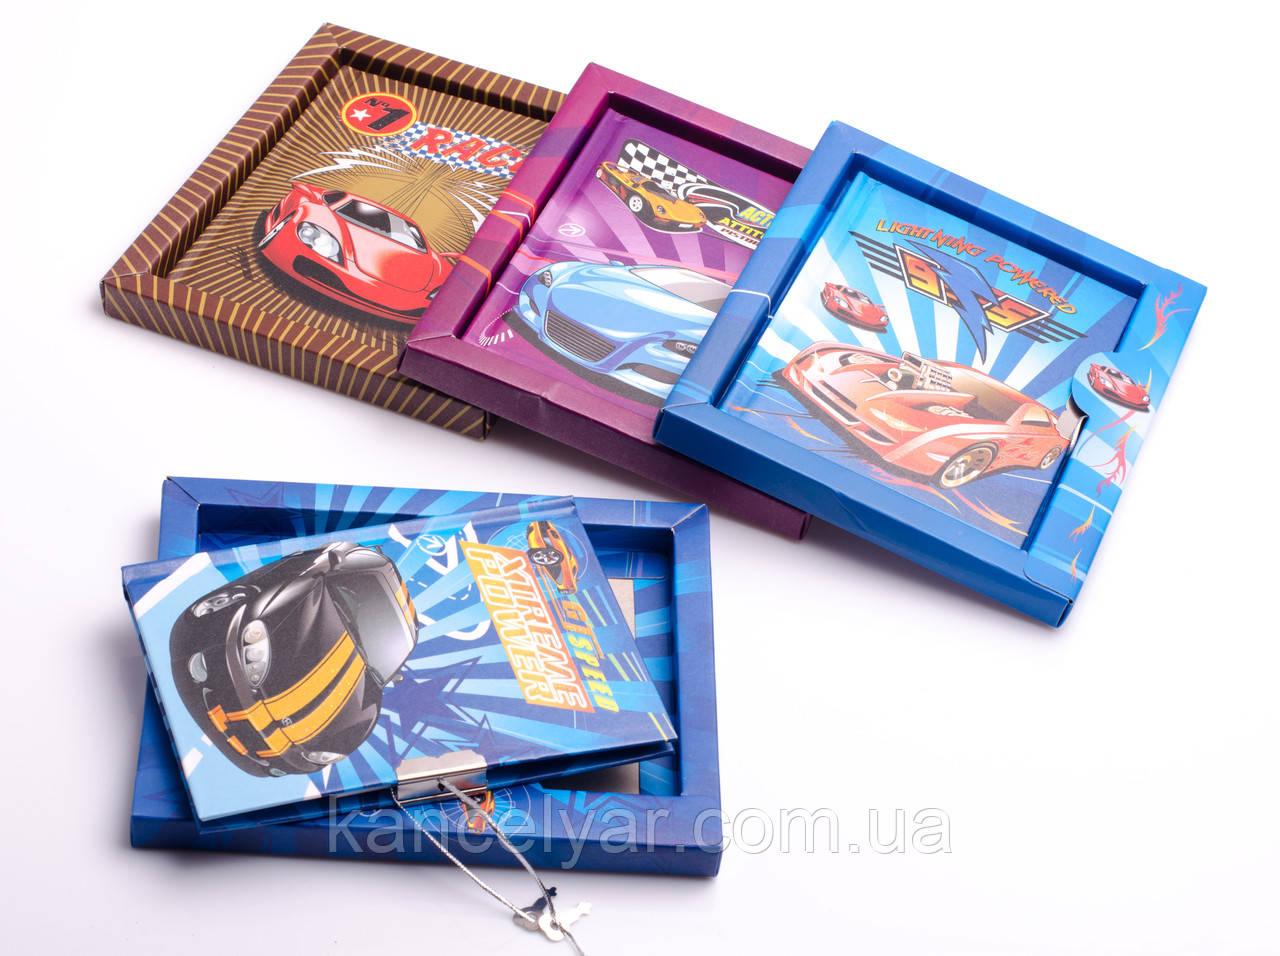 Блокнот дитячий на коробці на замочку, 96 аркушів, 15х18 см, в асортименті